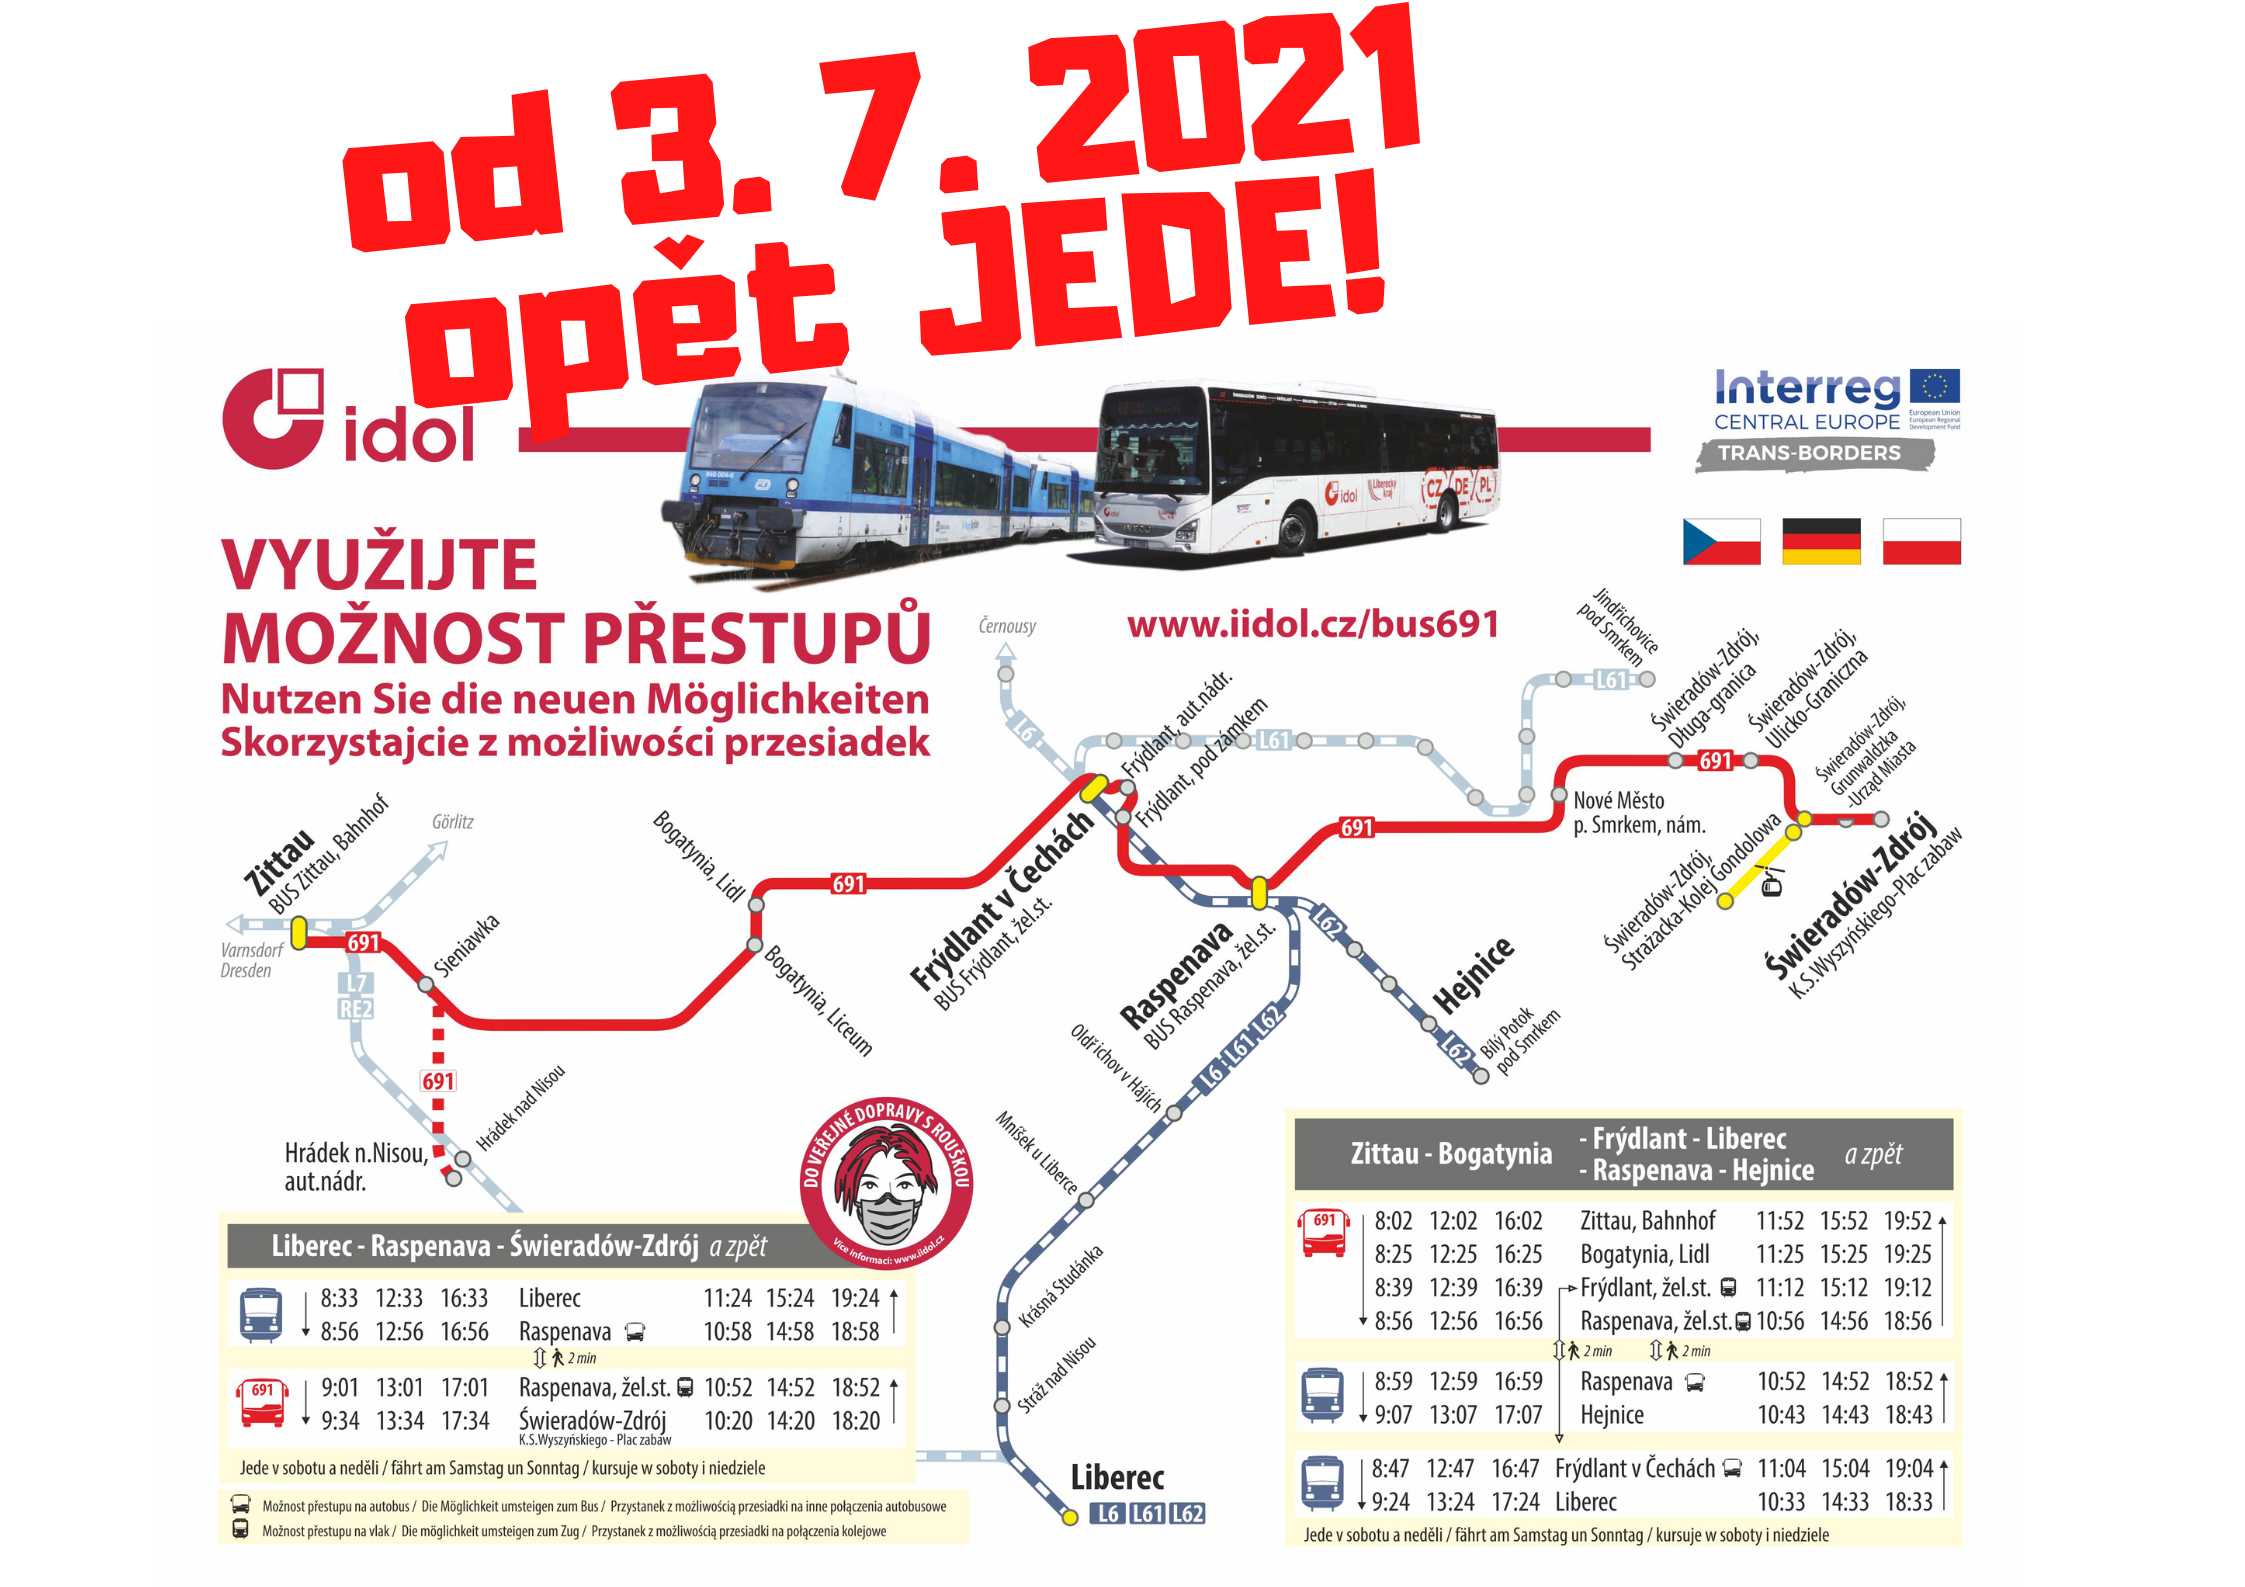 Mezinárodní linka Hrádek nad Nisou – Zittau – Bogatynia – Frýdlant – Nové Město pod Smrkem – Świeradów-Zdrój